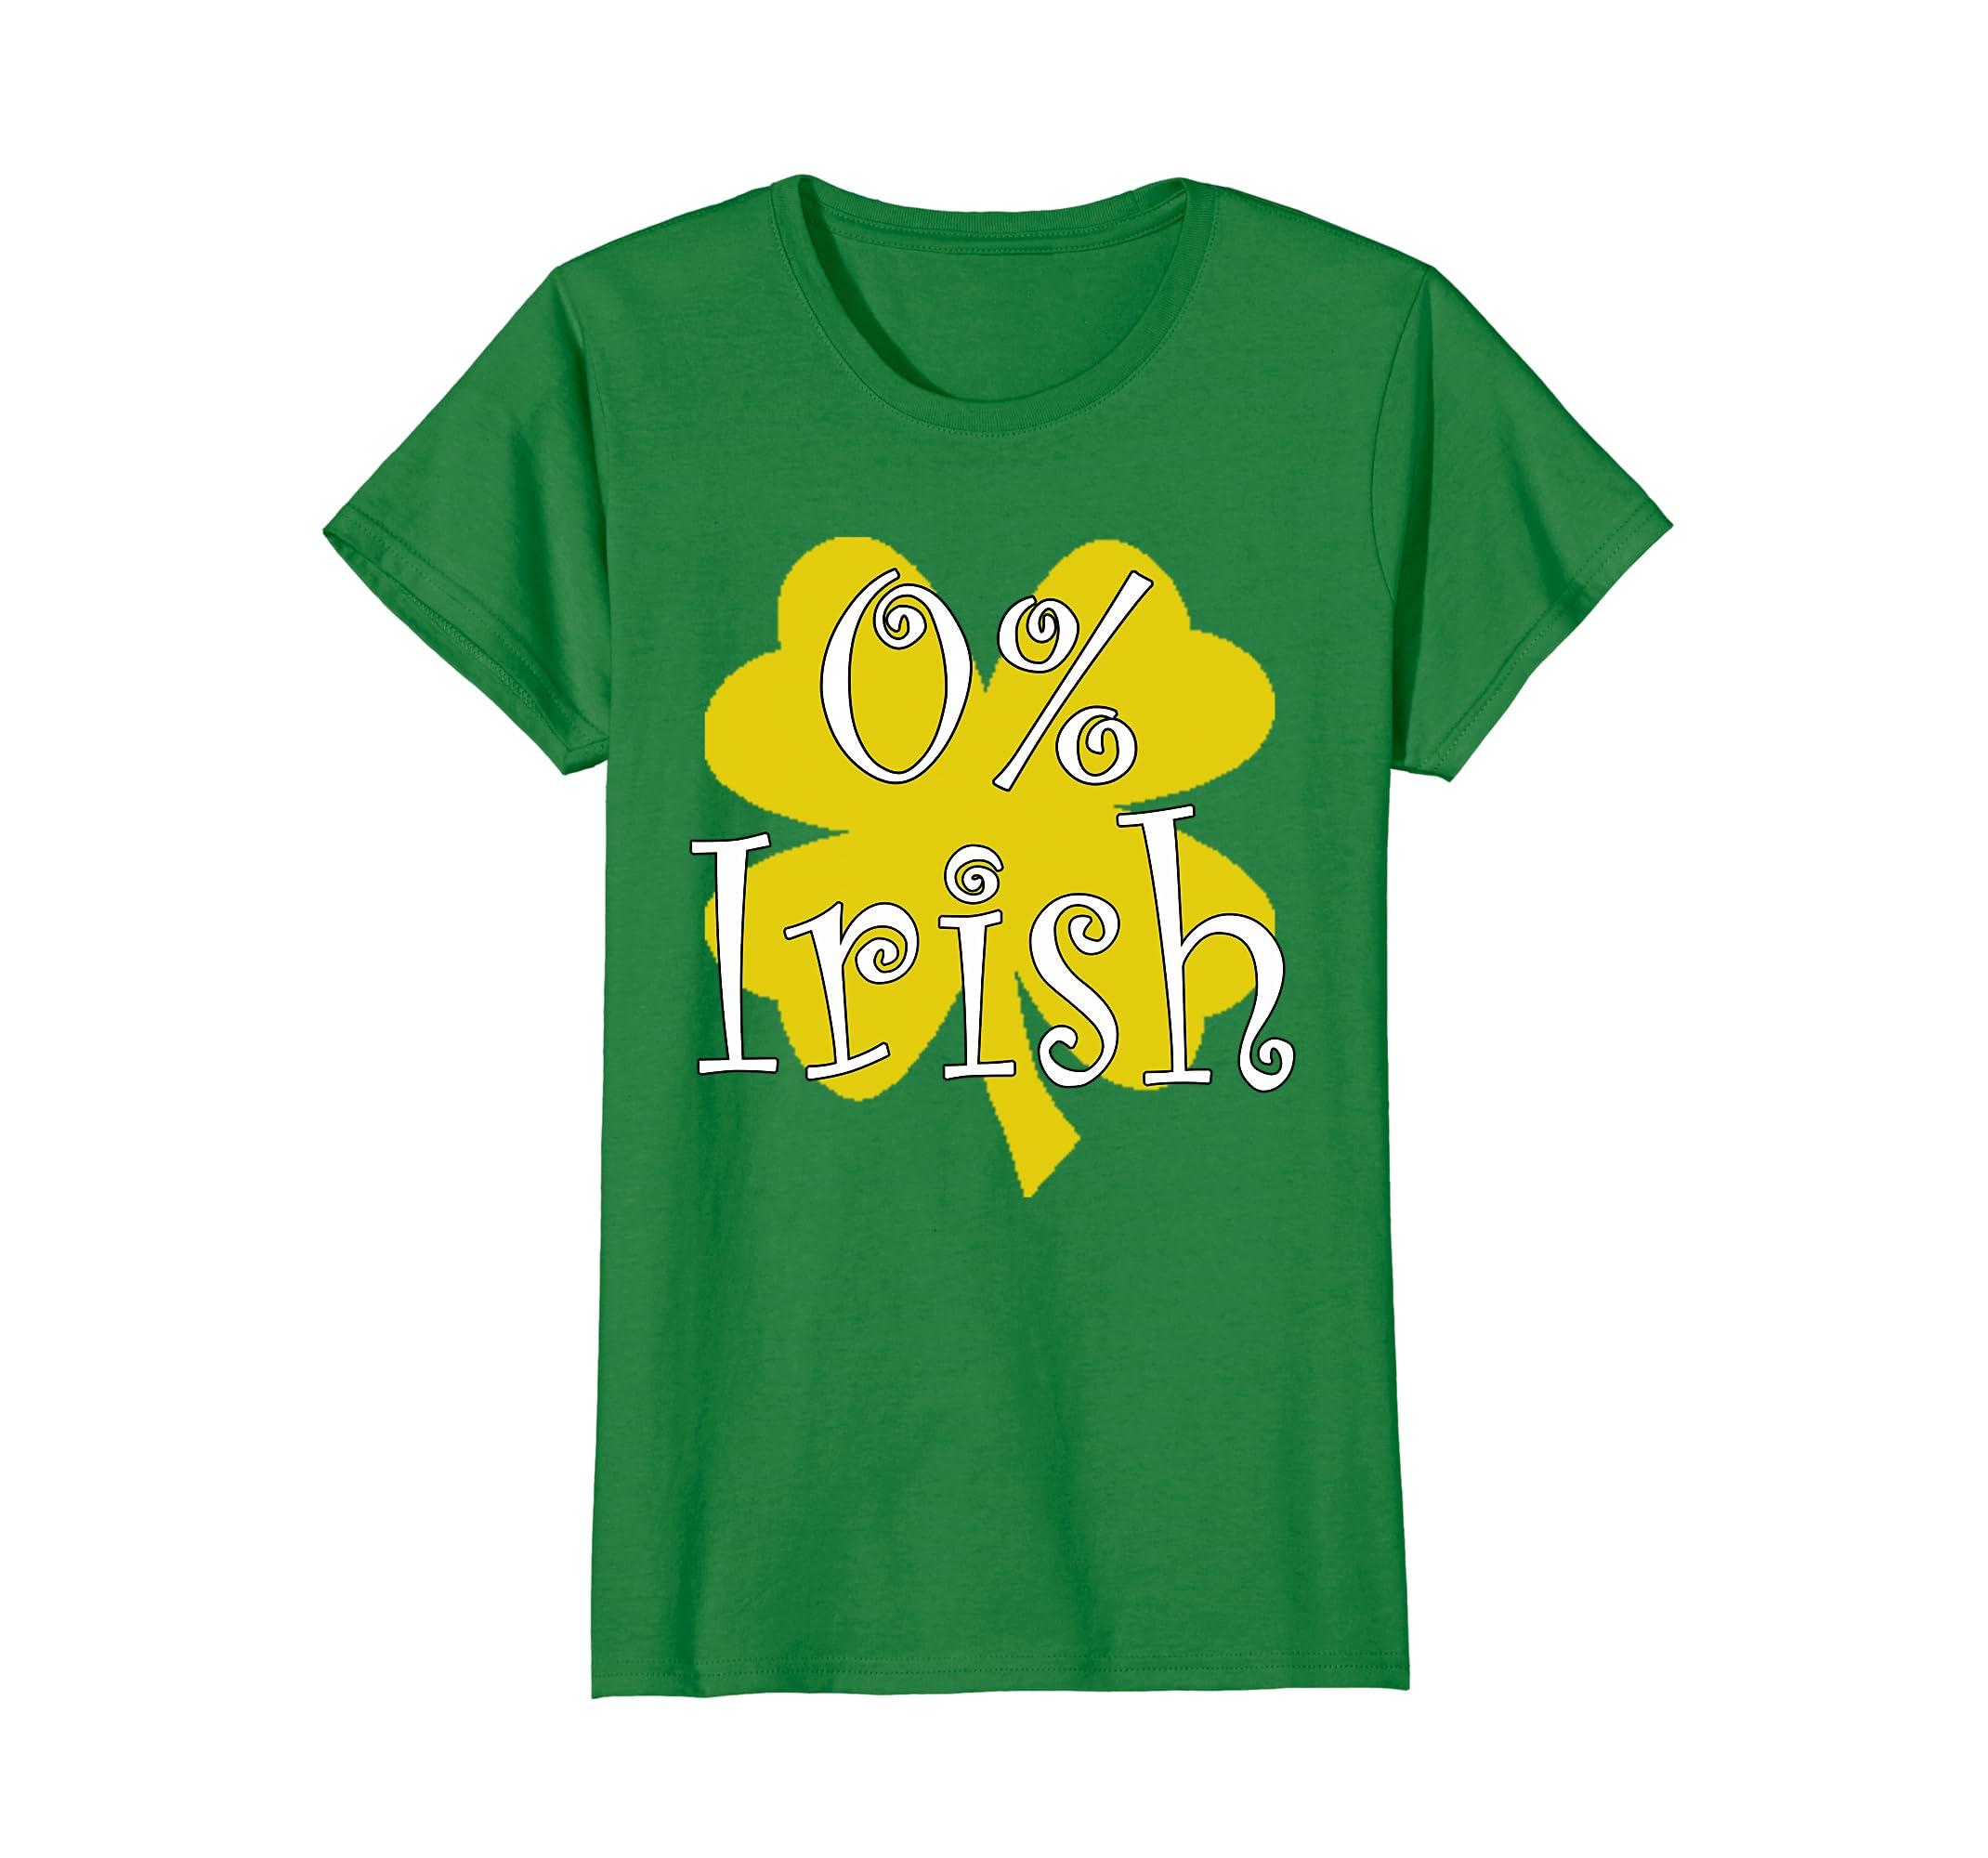 0 Irish Funny Patricks Shirt